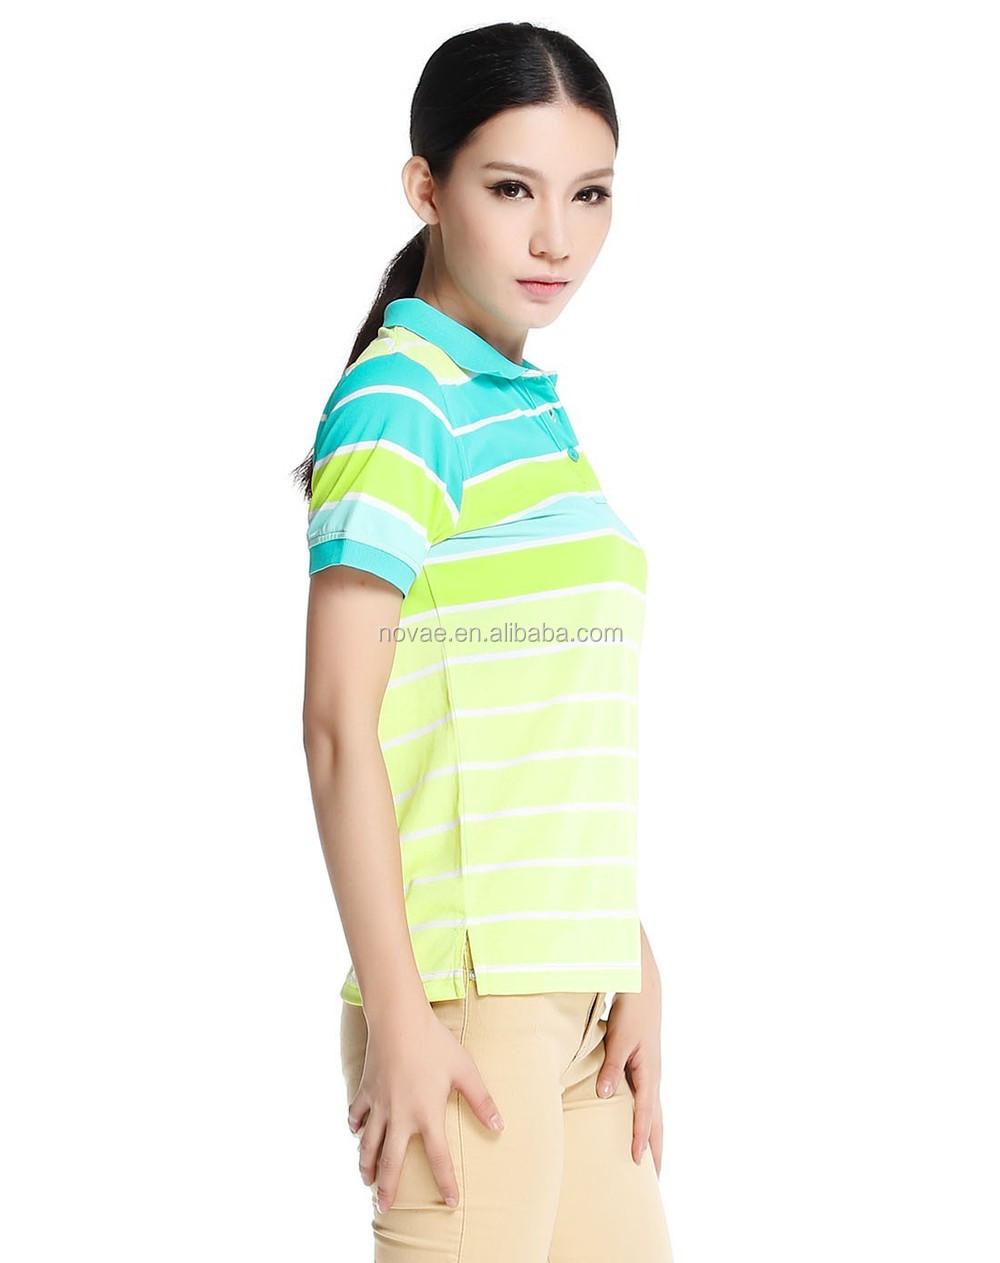 Non brand polo shirts womens office uniform design polo for Polo shirt color combination